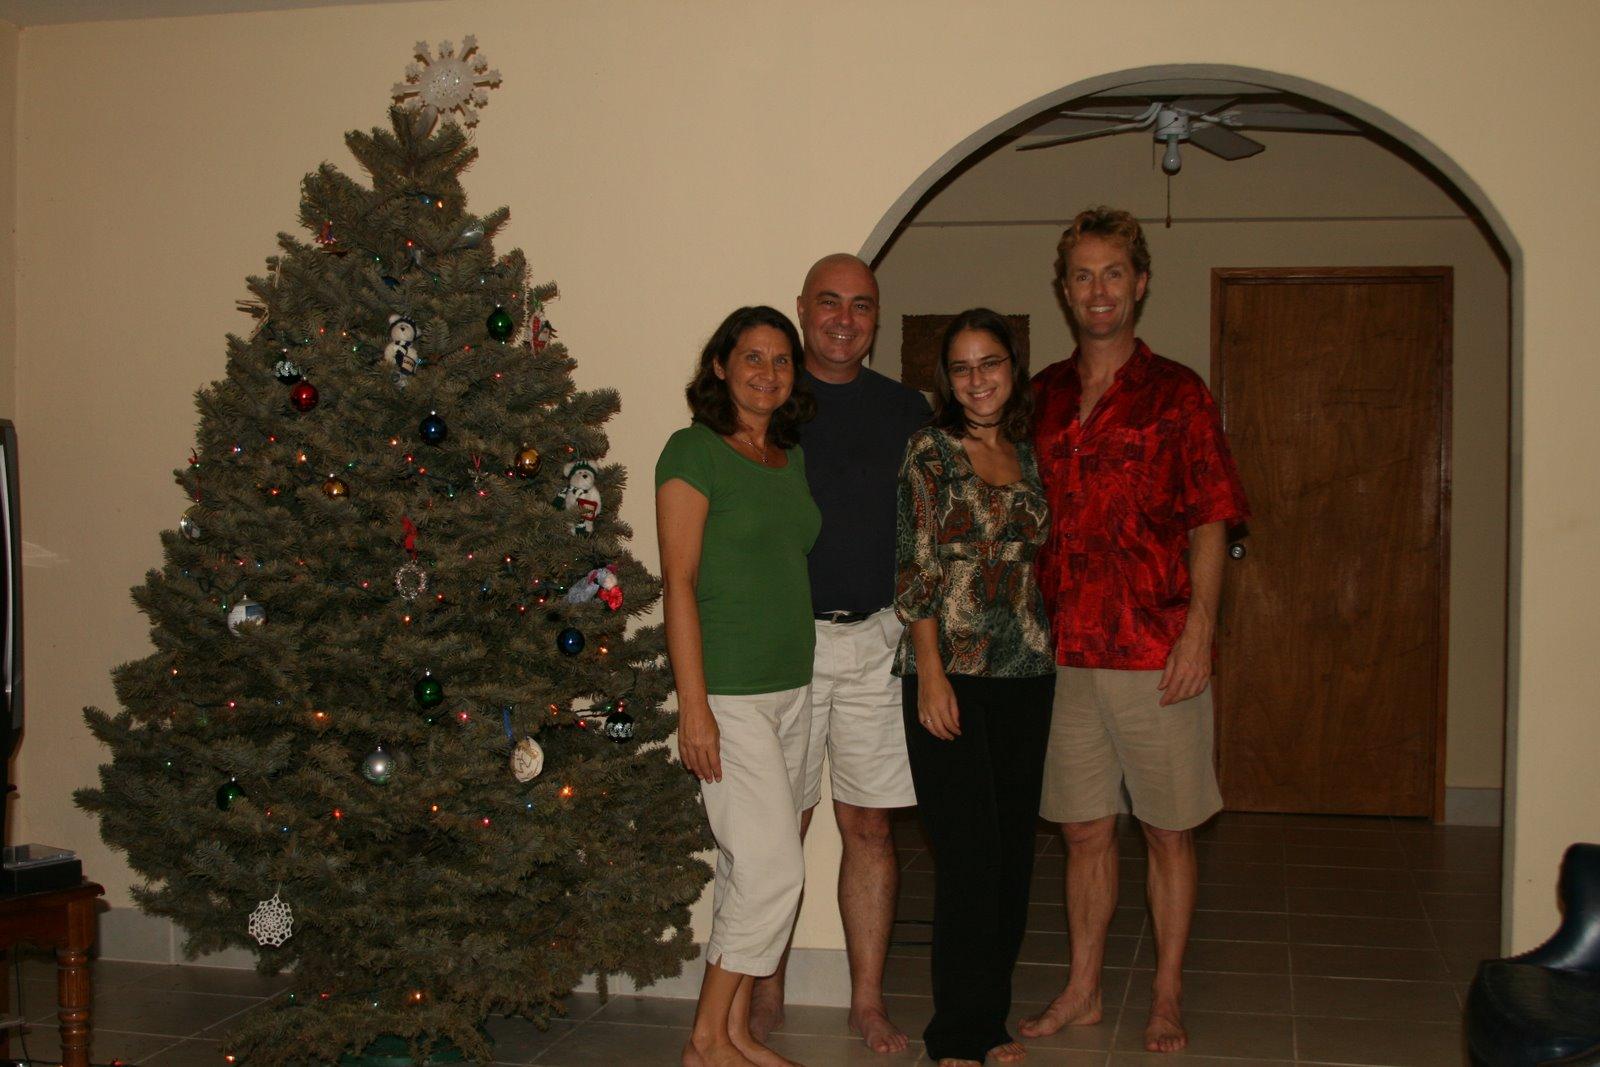 [Kelli+Harry+Sarah+Chris+cmas2007]